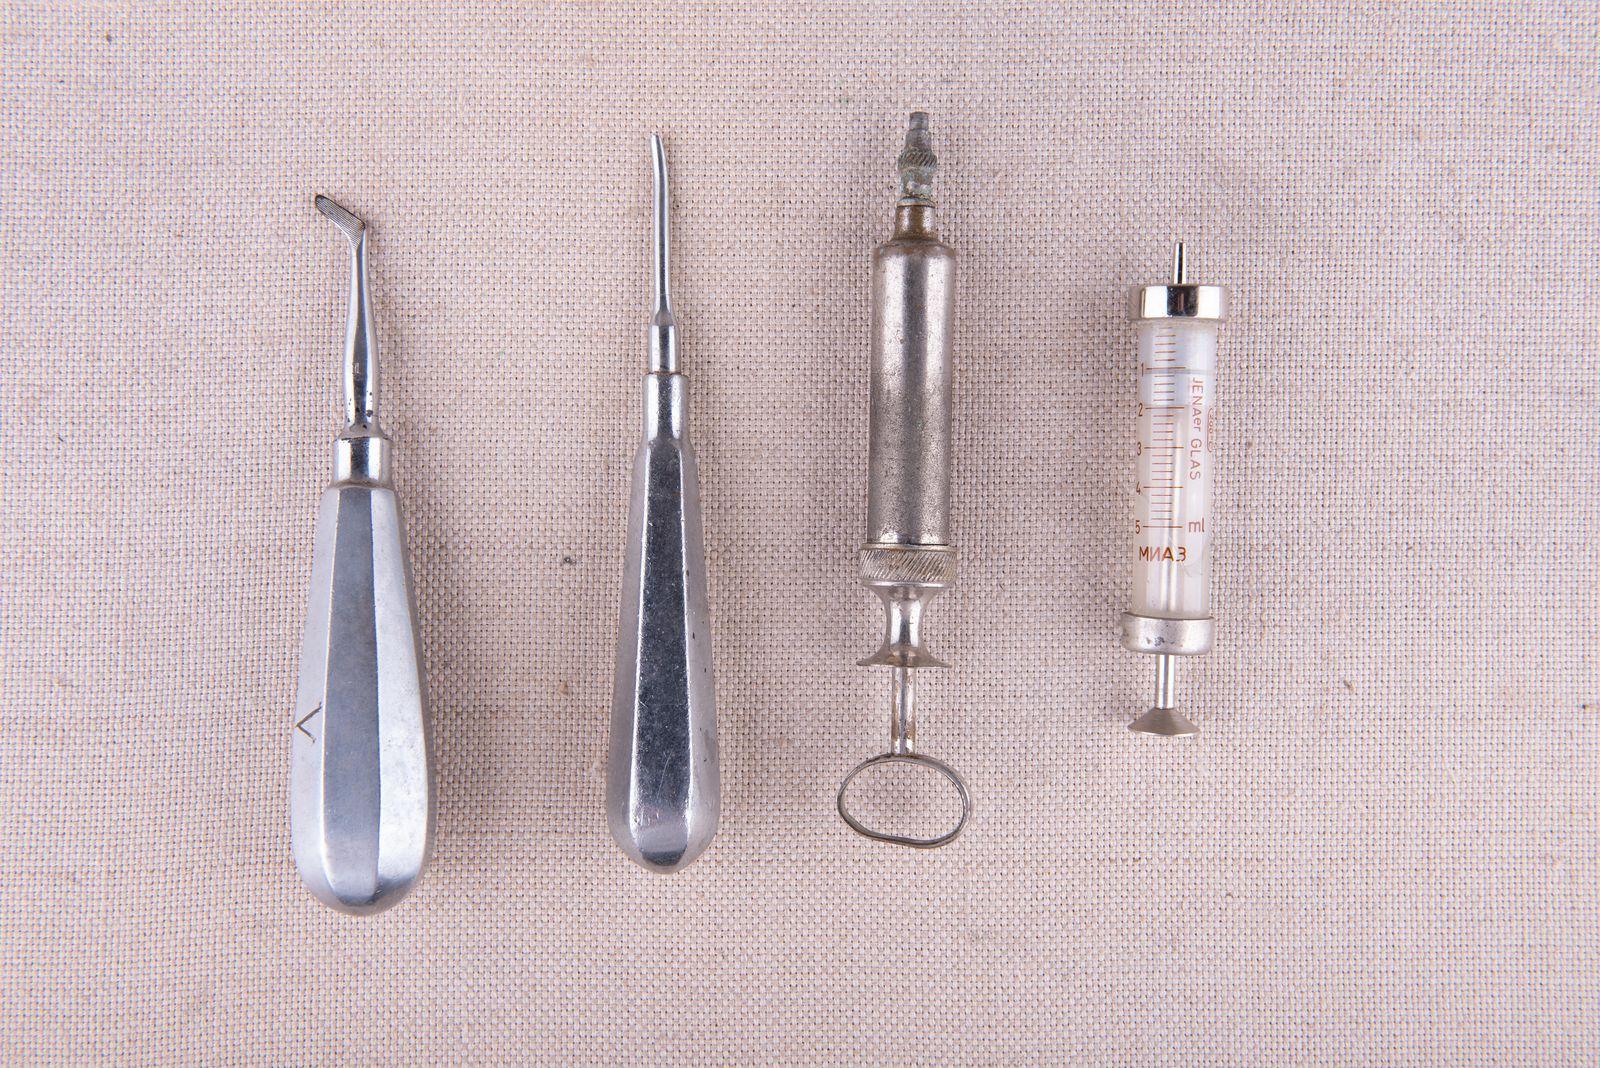 Muzei275_Зъболекарски инструменти за вадене на зъби и спринцовки